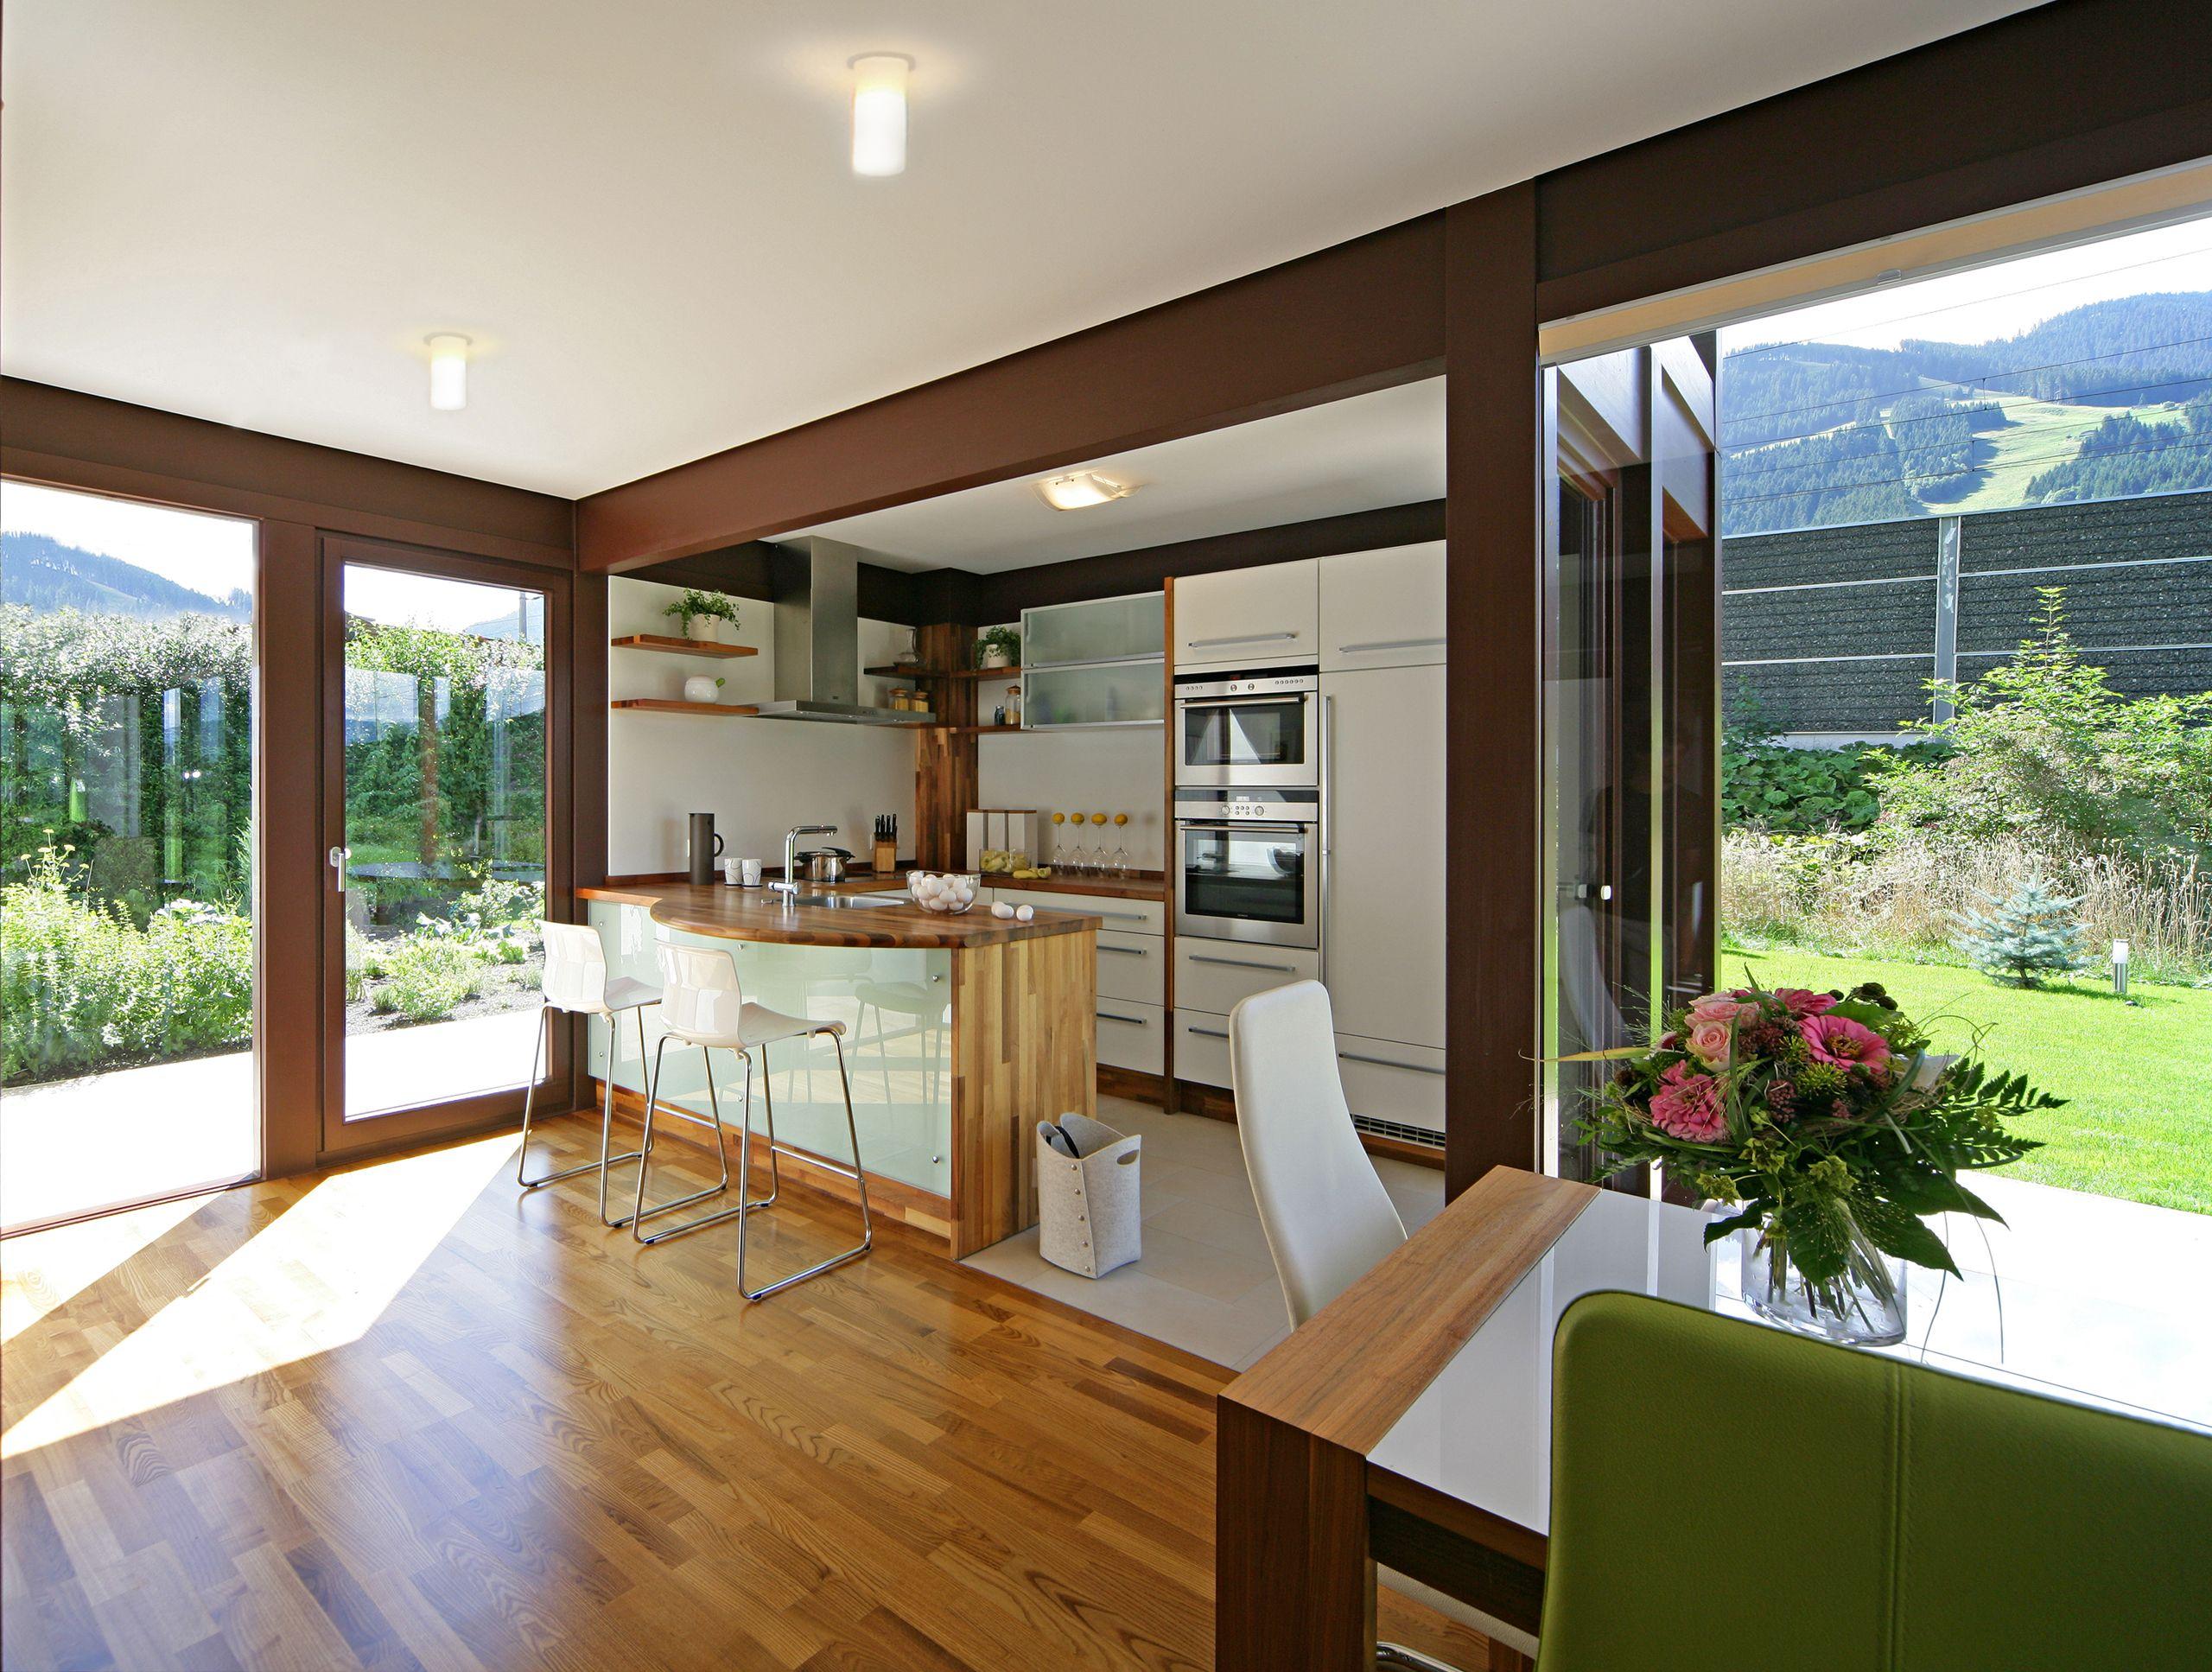 Kundenhaus - Brixental | Innenansicht Küchenbereich | Finden sie mehr Informationen zu diesem Kundenhaus auf http://www.davinci-haus.de/haeuser-standorte/kundenhaeuser/wilder-kaiser-brixental/ #Traumhaus #Fertighaus #Holfachwerk